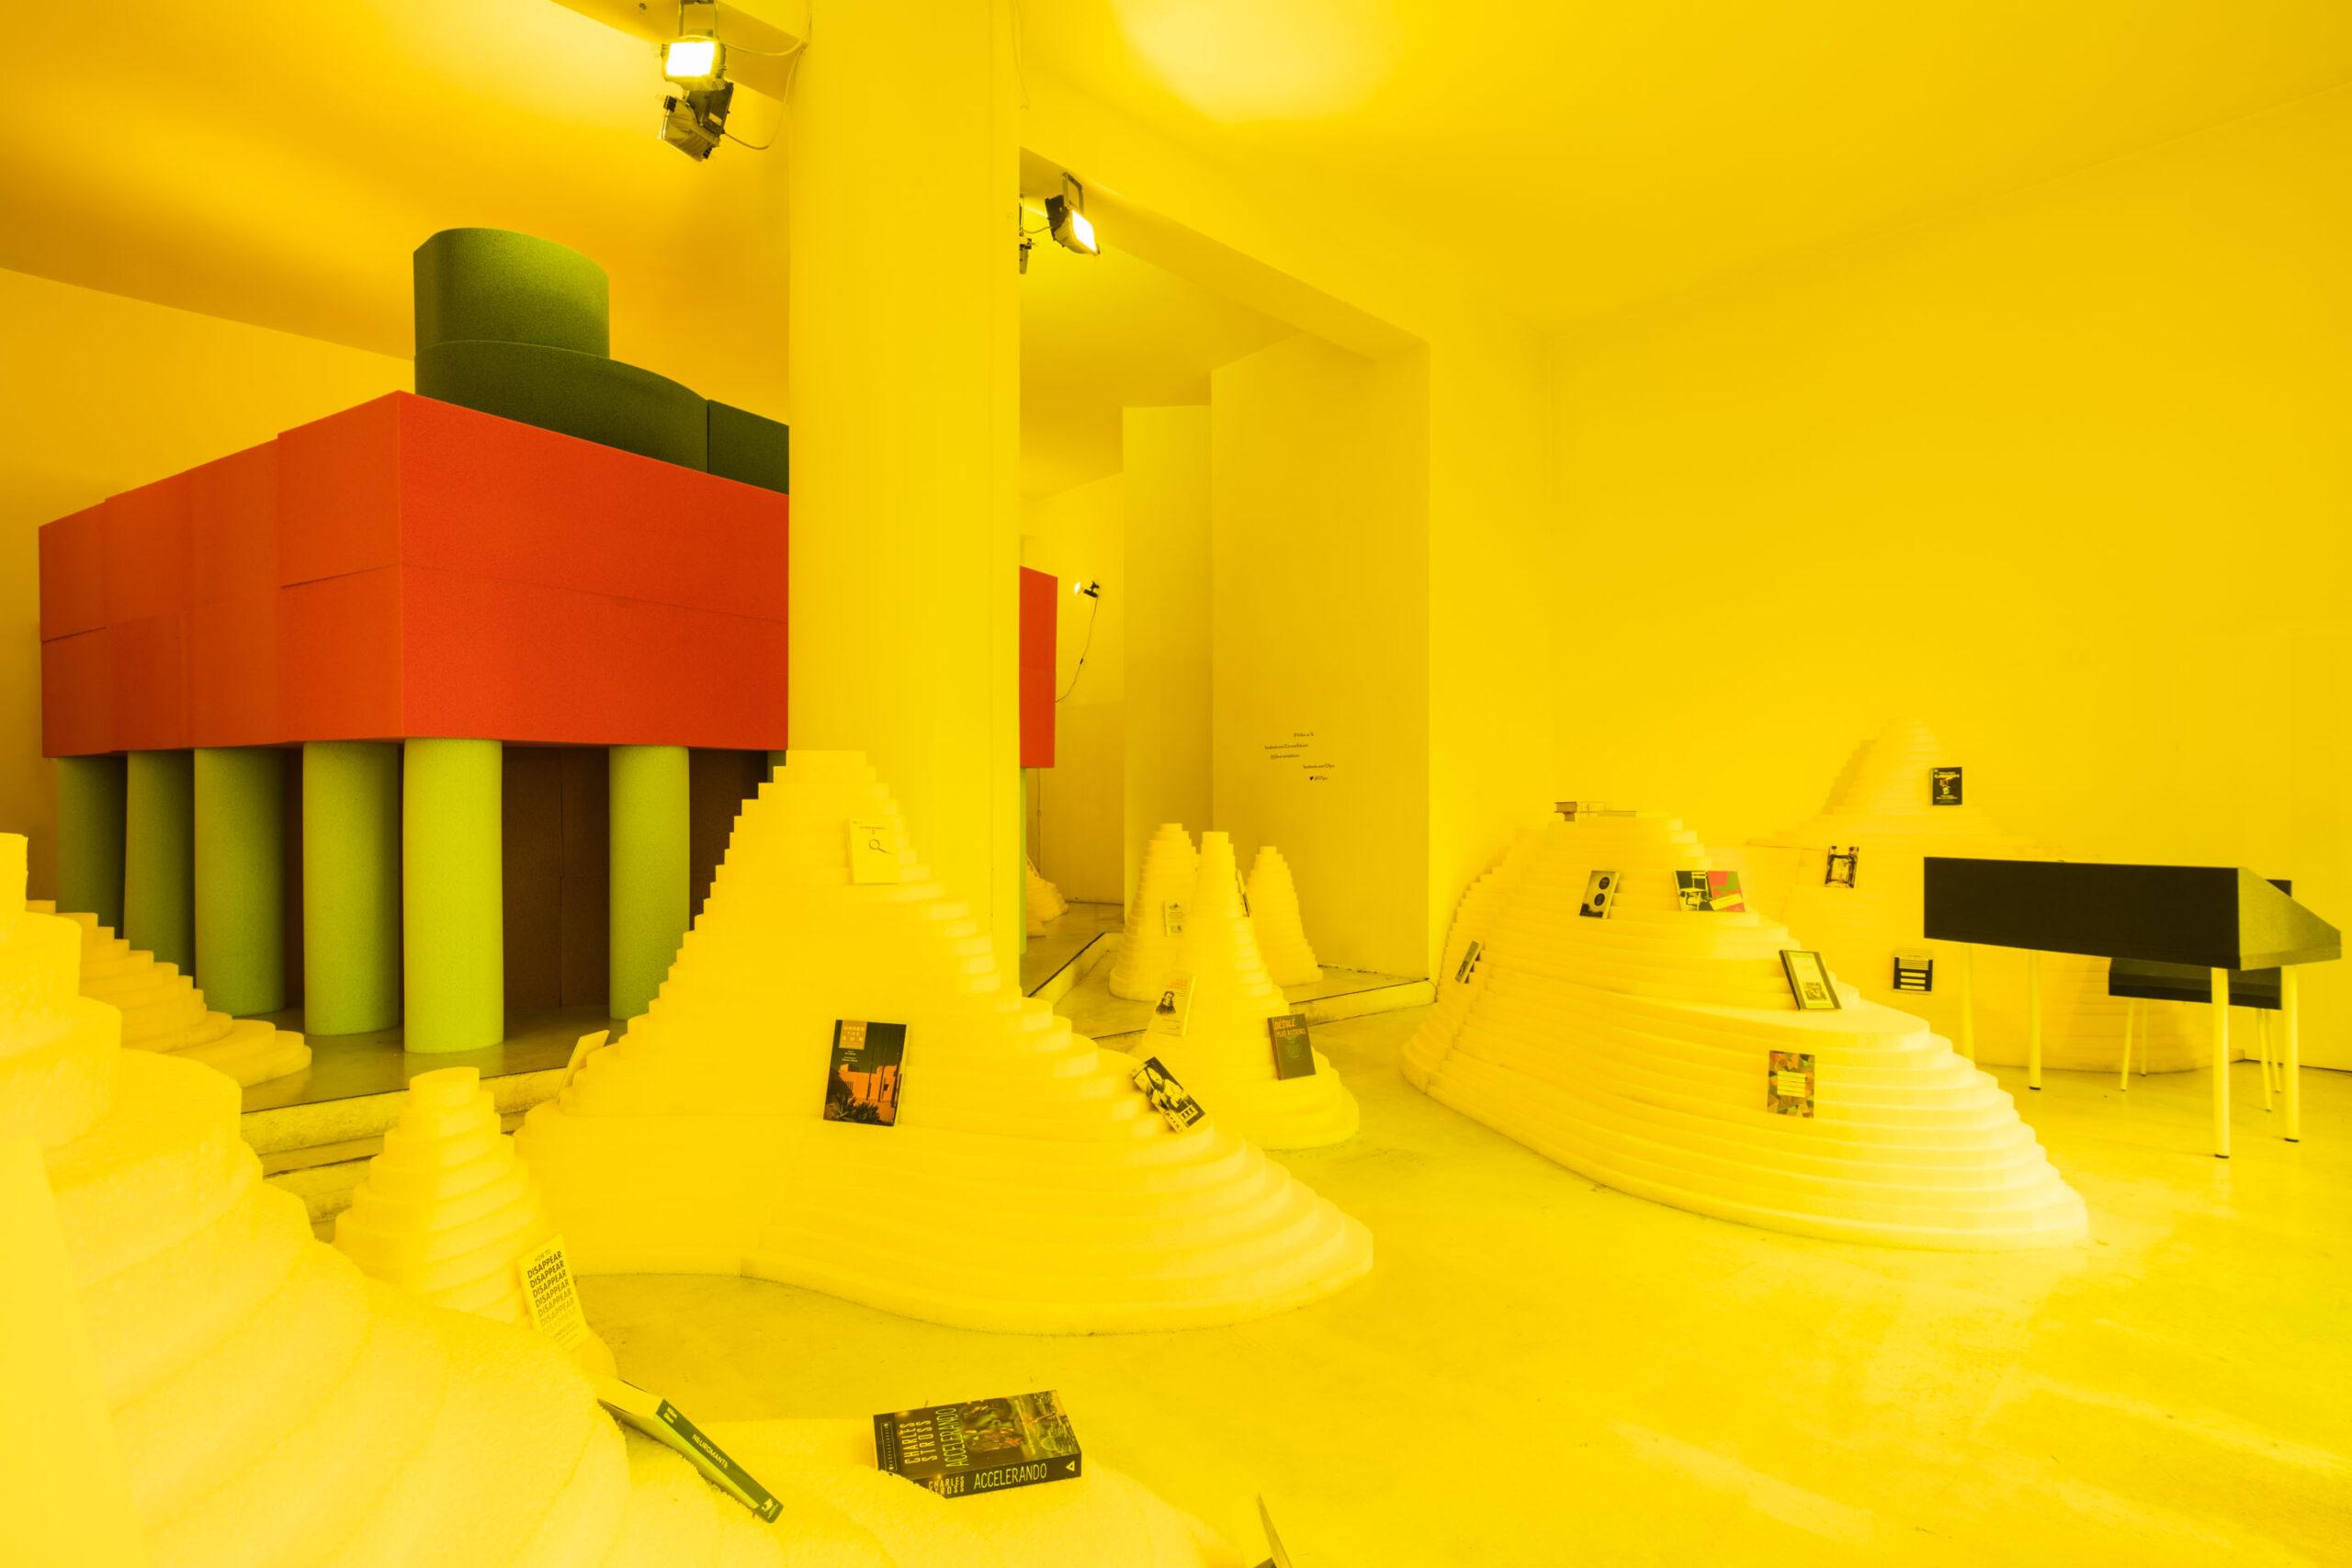 Book from the wilderness - Parasite 2.0 - Libreria 121 - Corraini Edizioni - Foto di Davide Galli, fotografo di architettura e interni a Milano